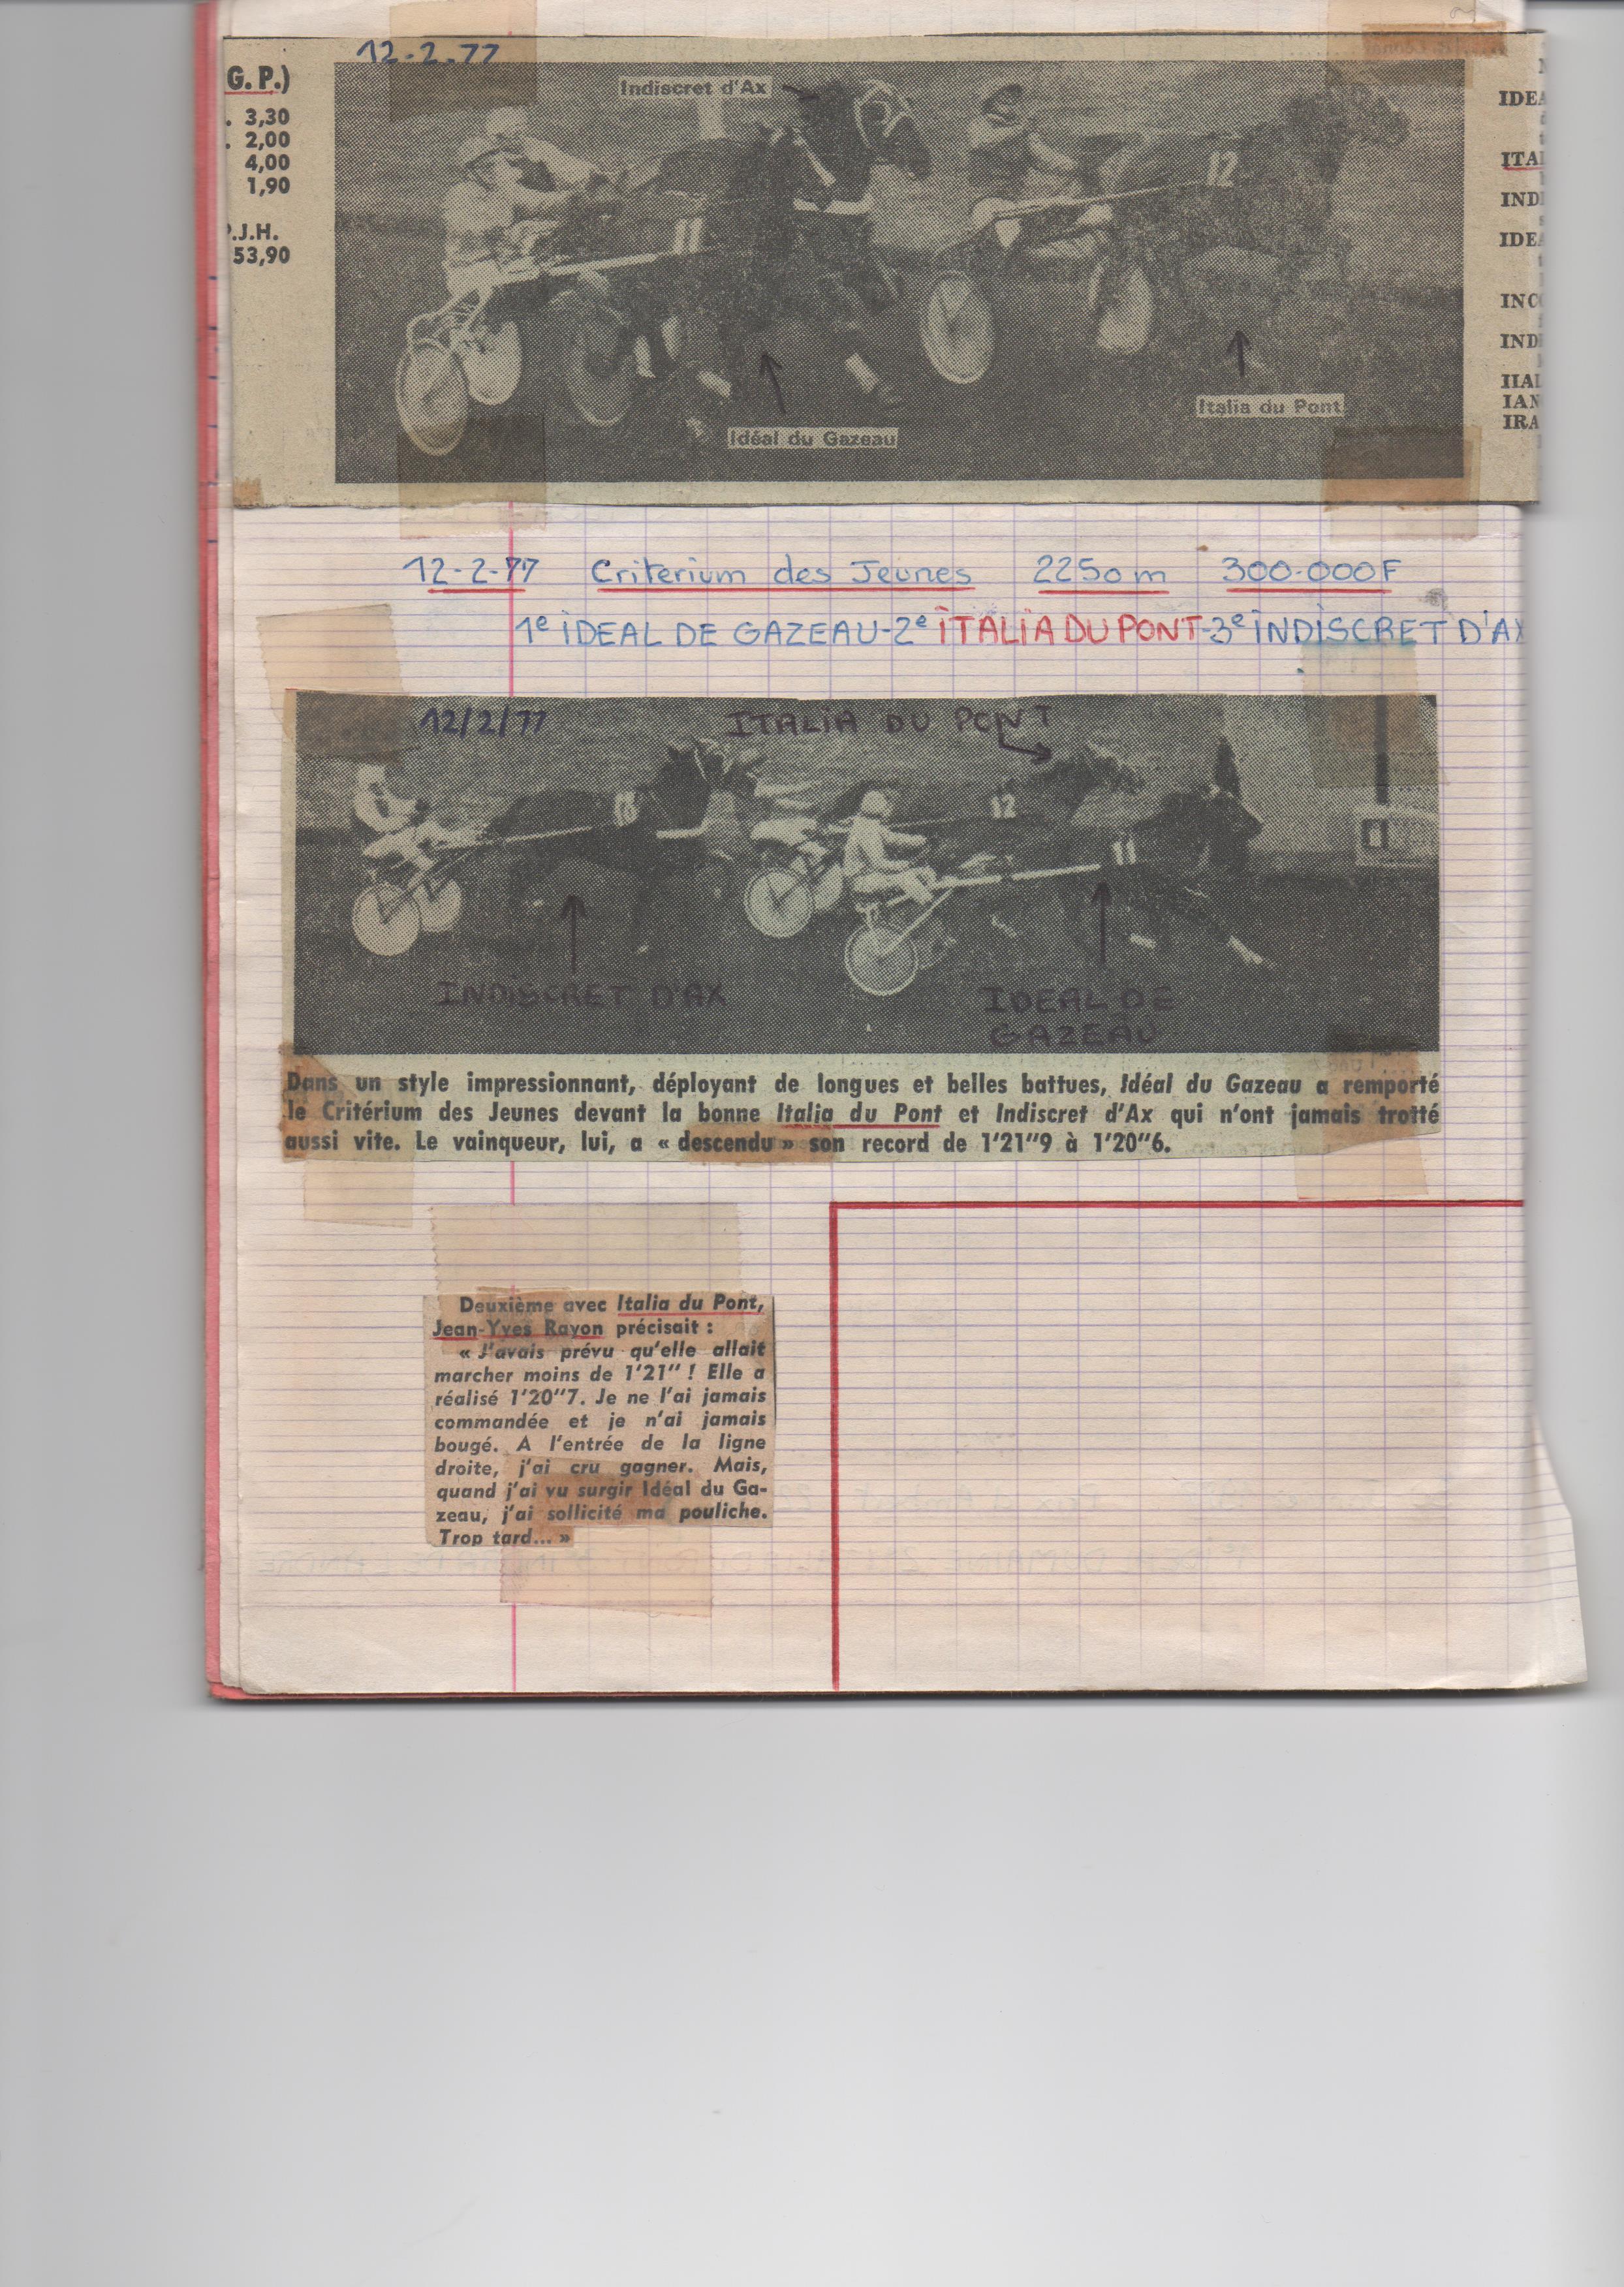 1977 02 12 Italia du Pont Criterium des Jeunes